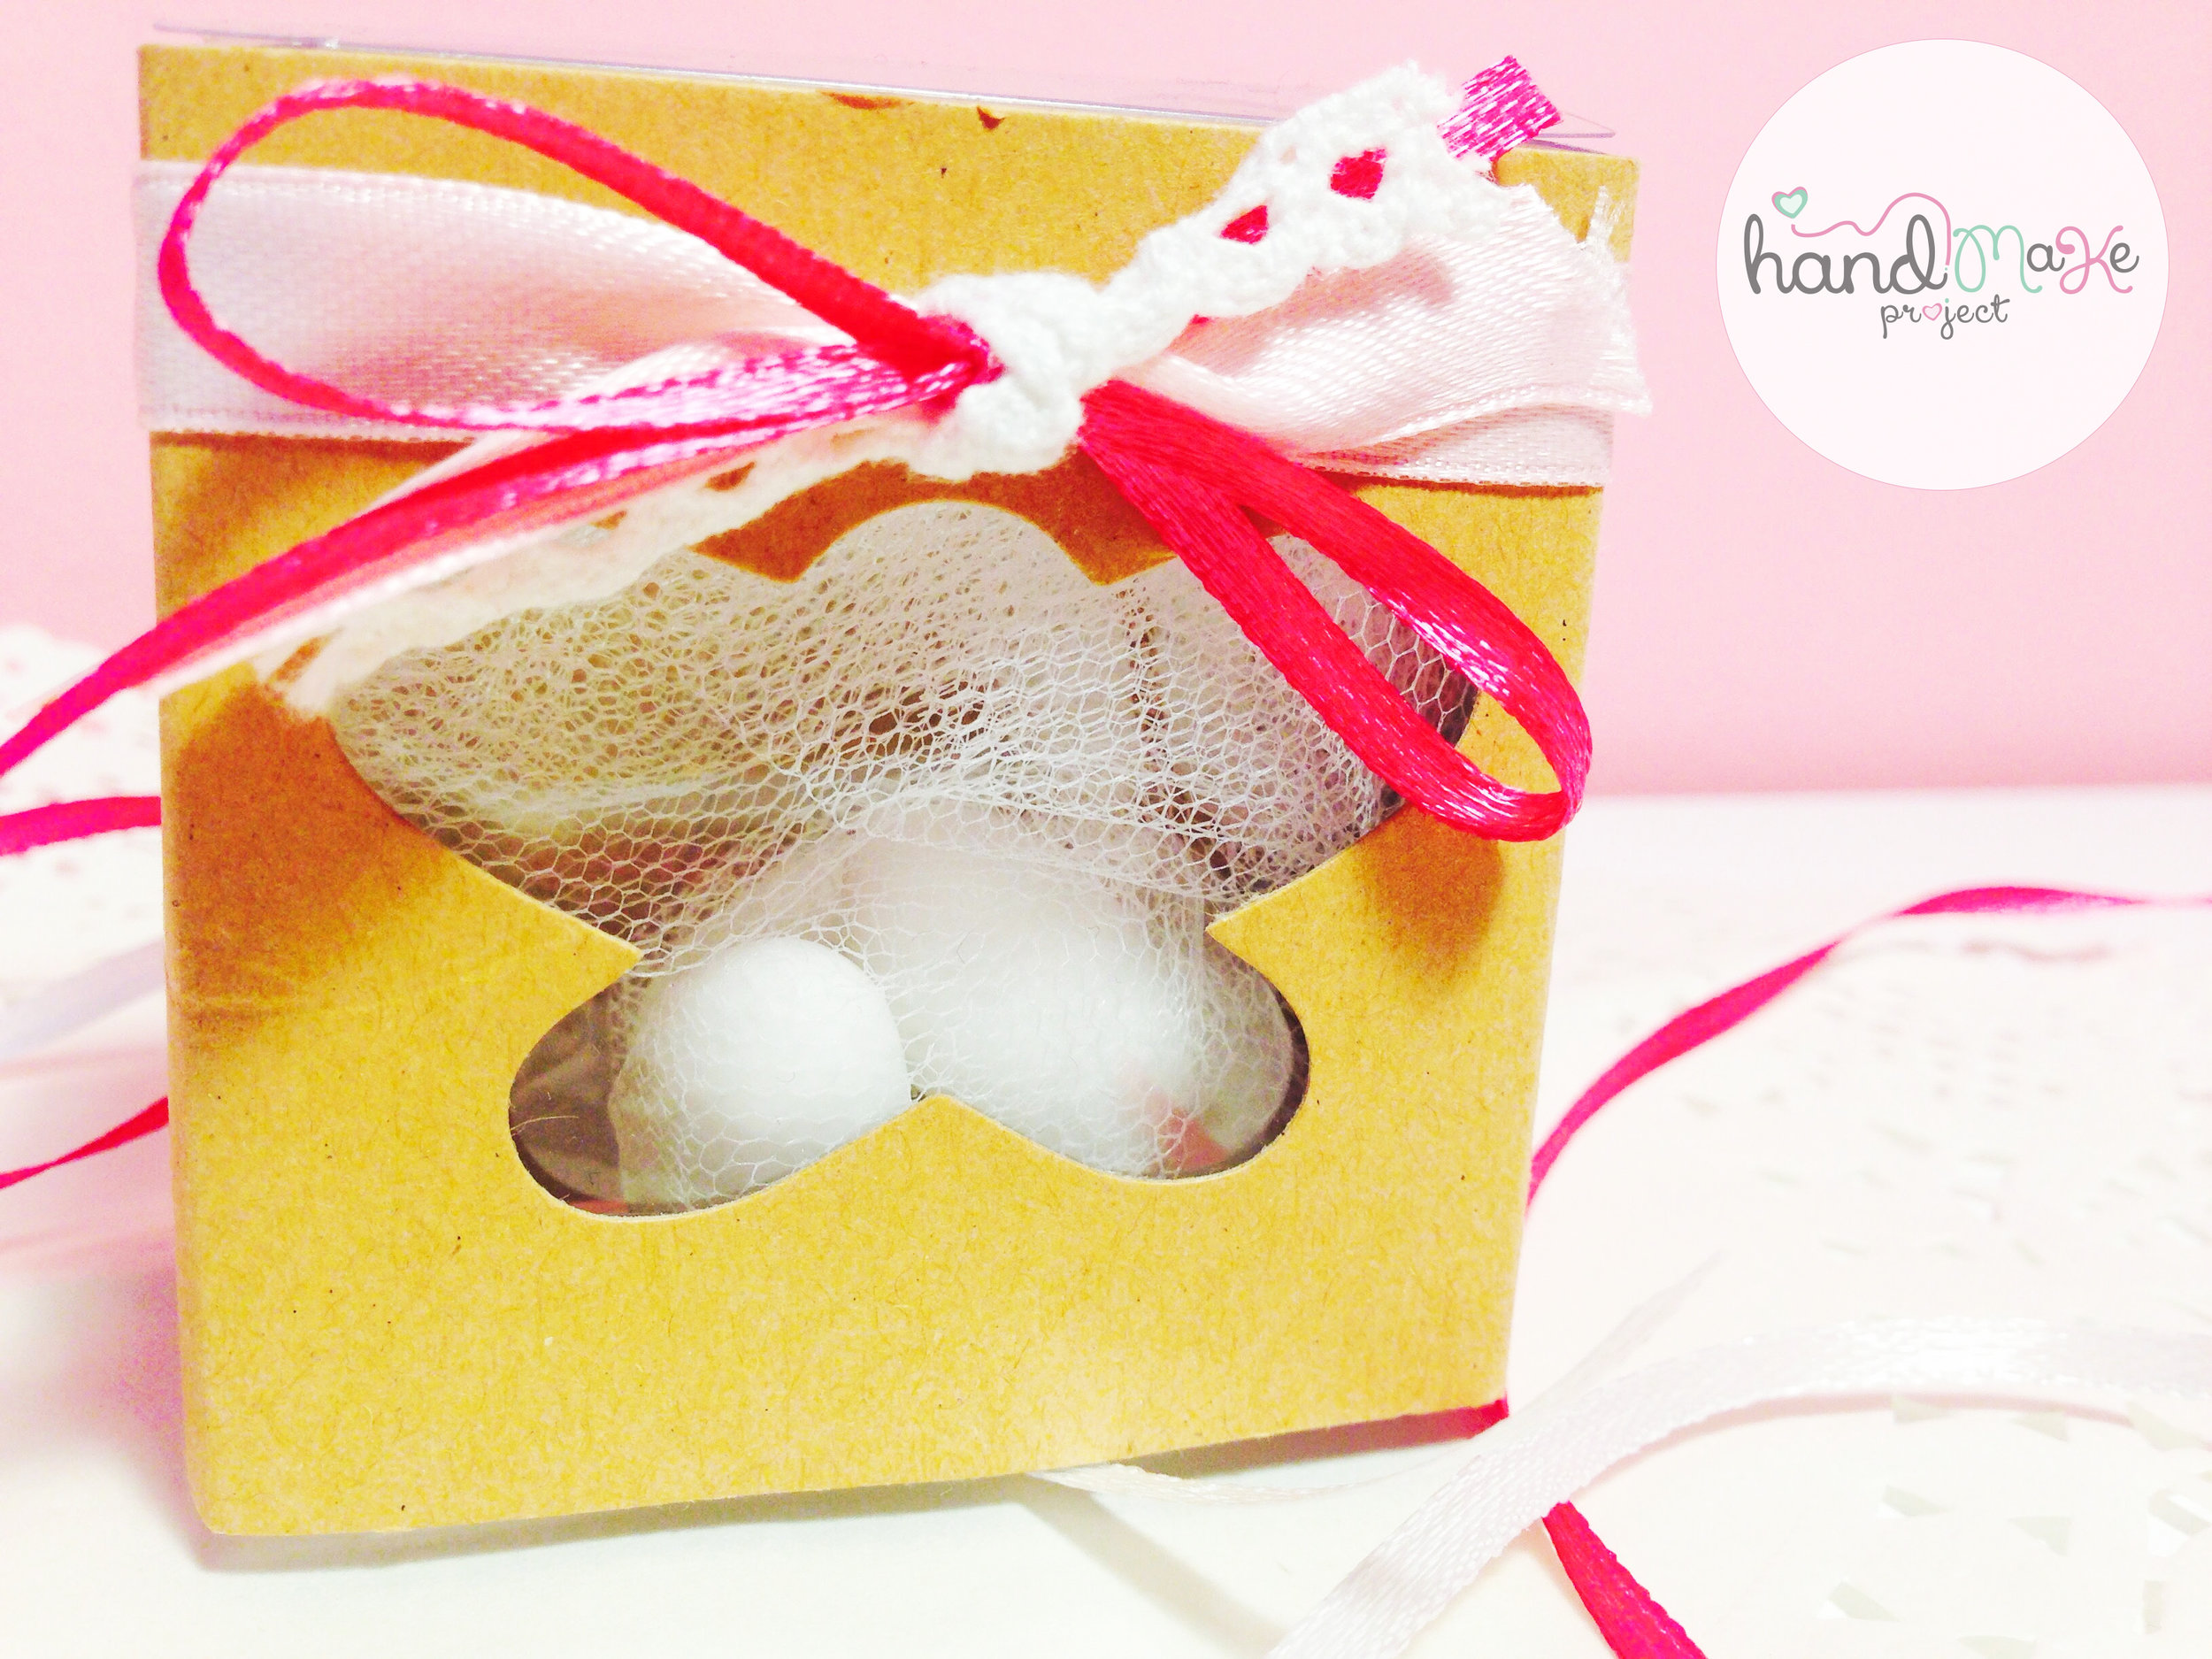 κωδικός ΒΒ_22 Collection ''Open the Box''   Κουτί eco πεταλούδα, τούλι λευκό ,κορδέλα σατένροζ-φούξια και δαντέλα.